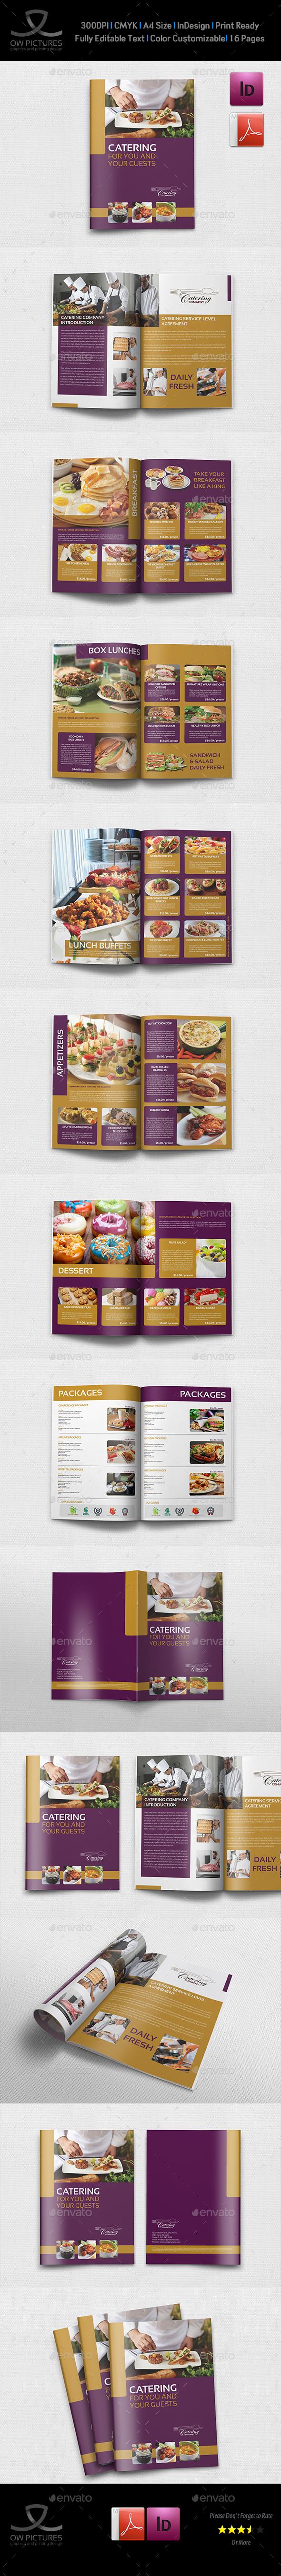 Catering Brochure Template - 20 Pages | Portafolio, Navidad y Recetas